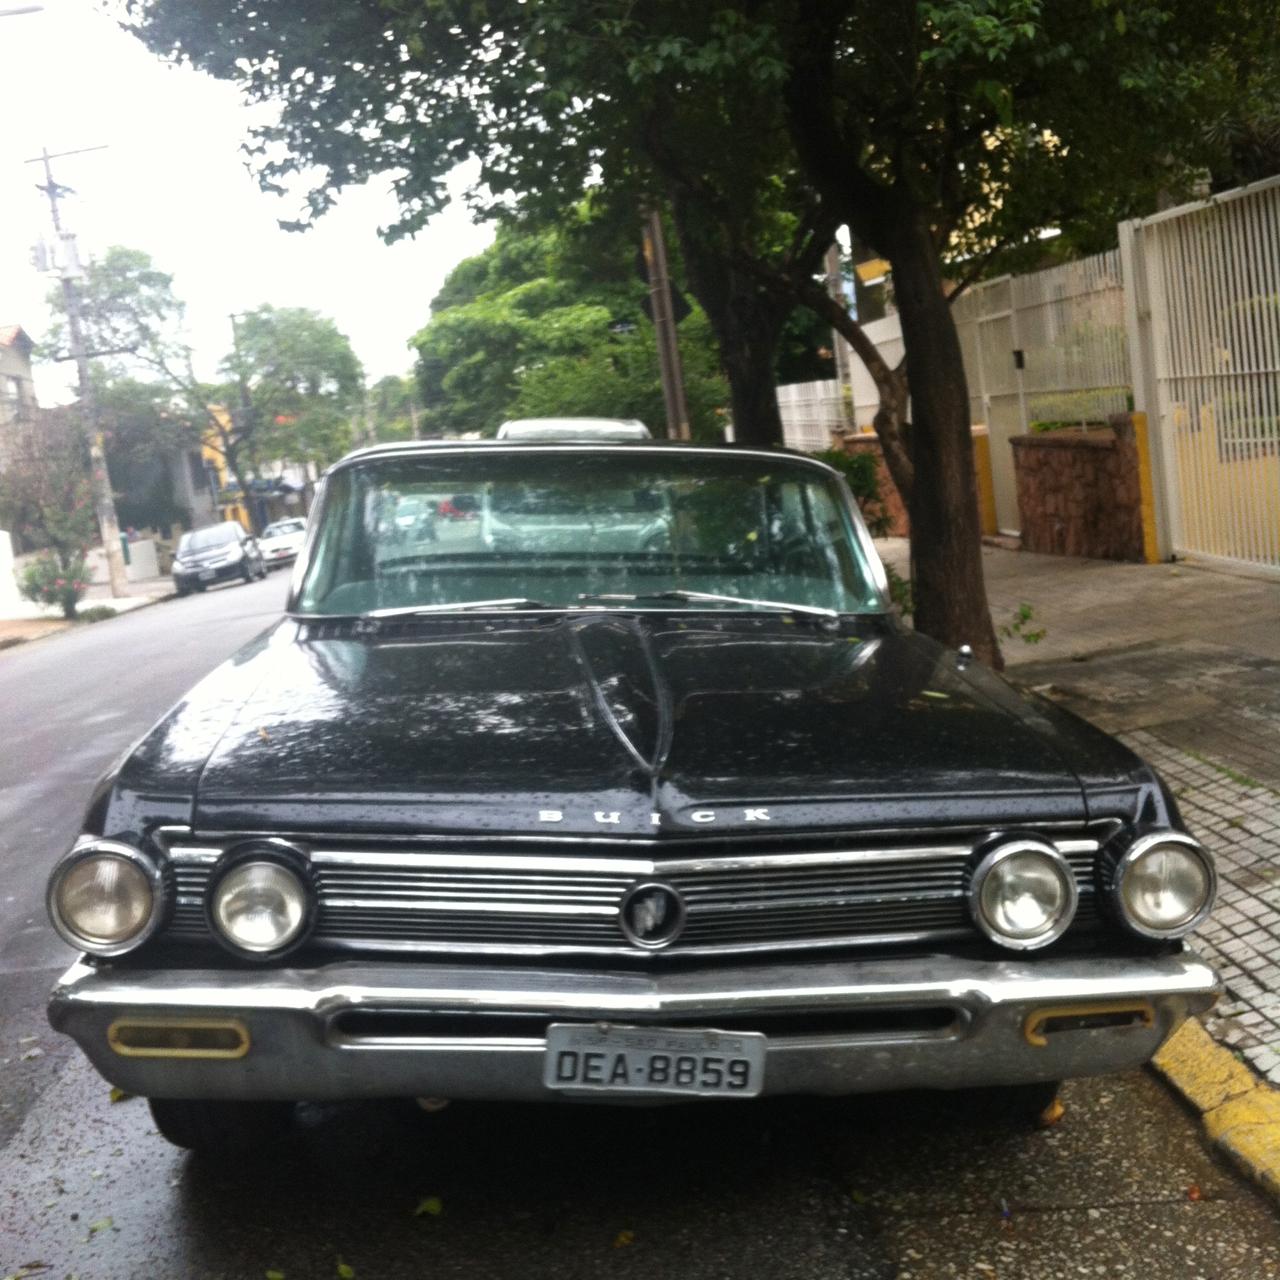 Esse Buick estava ali, estacionado na rua de casa